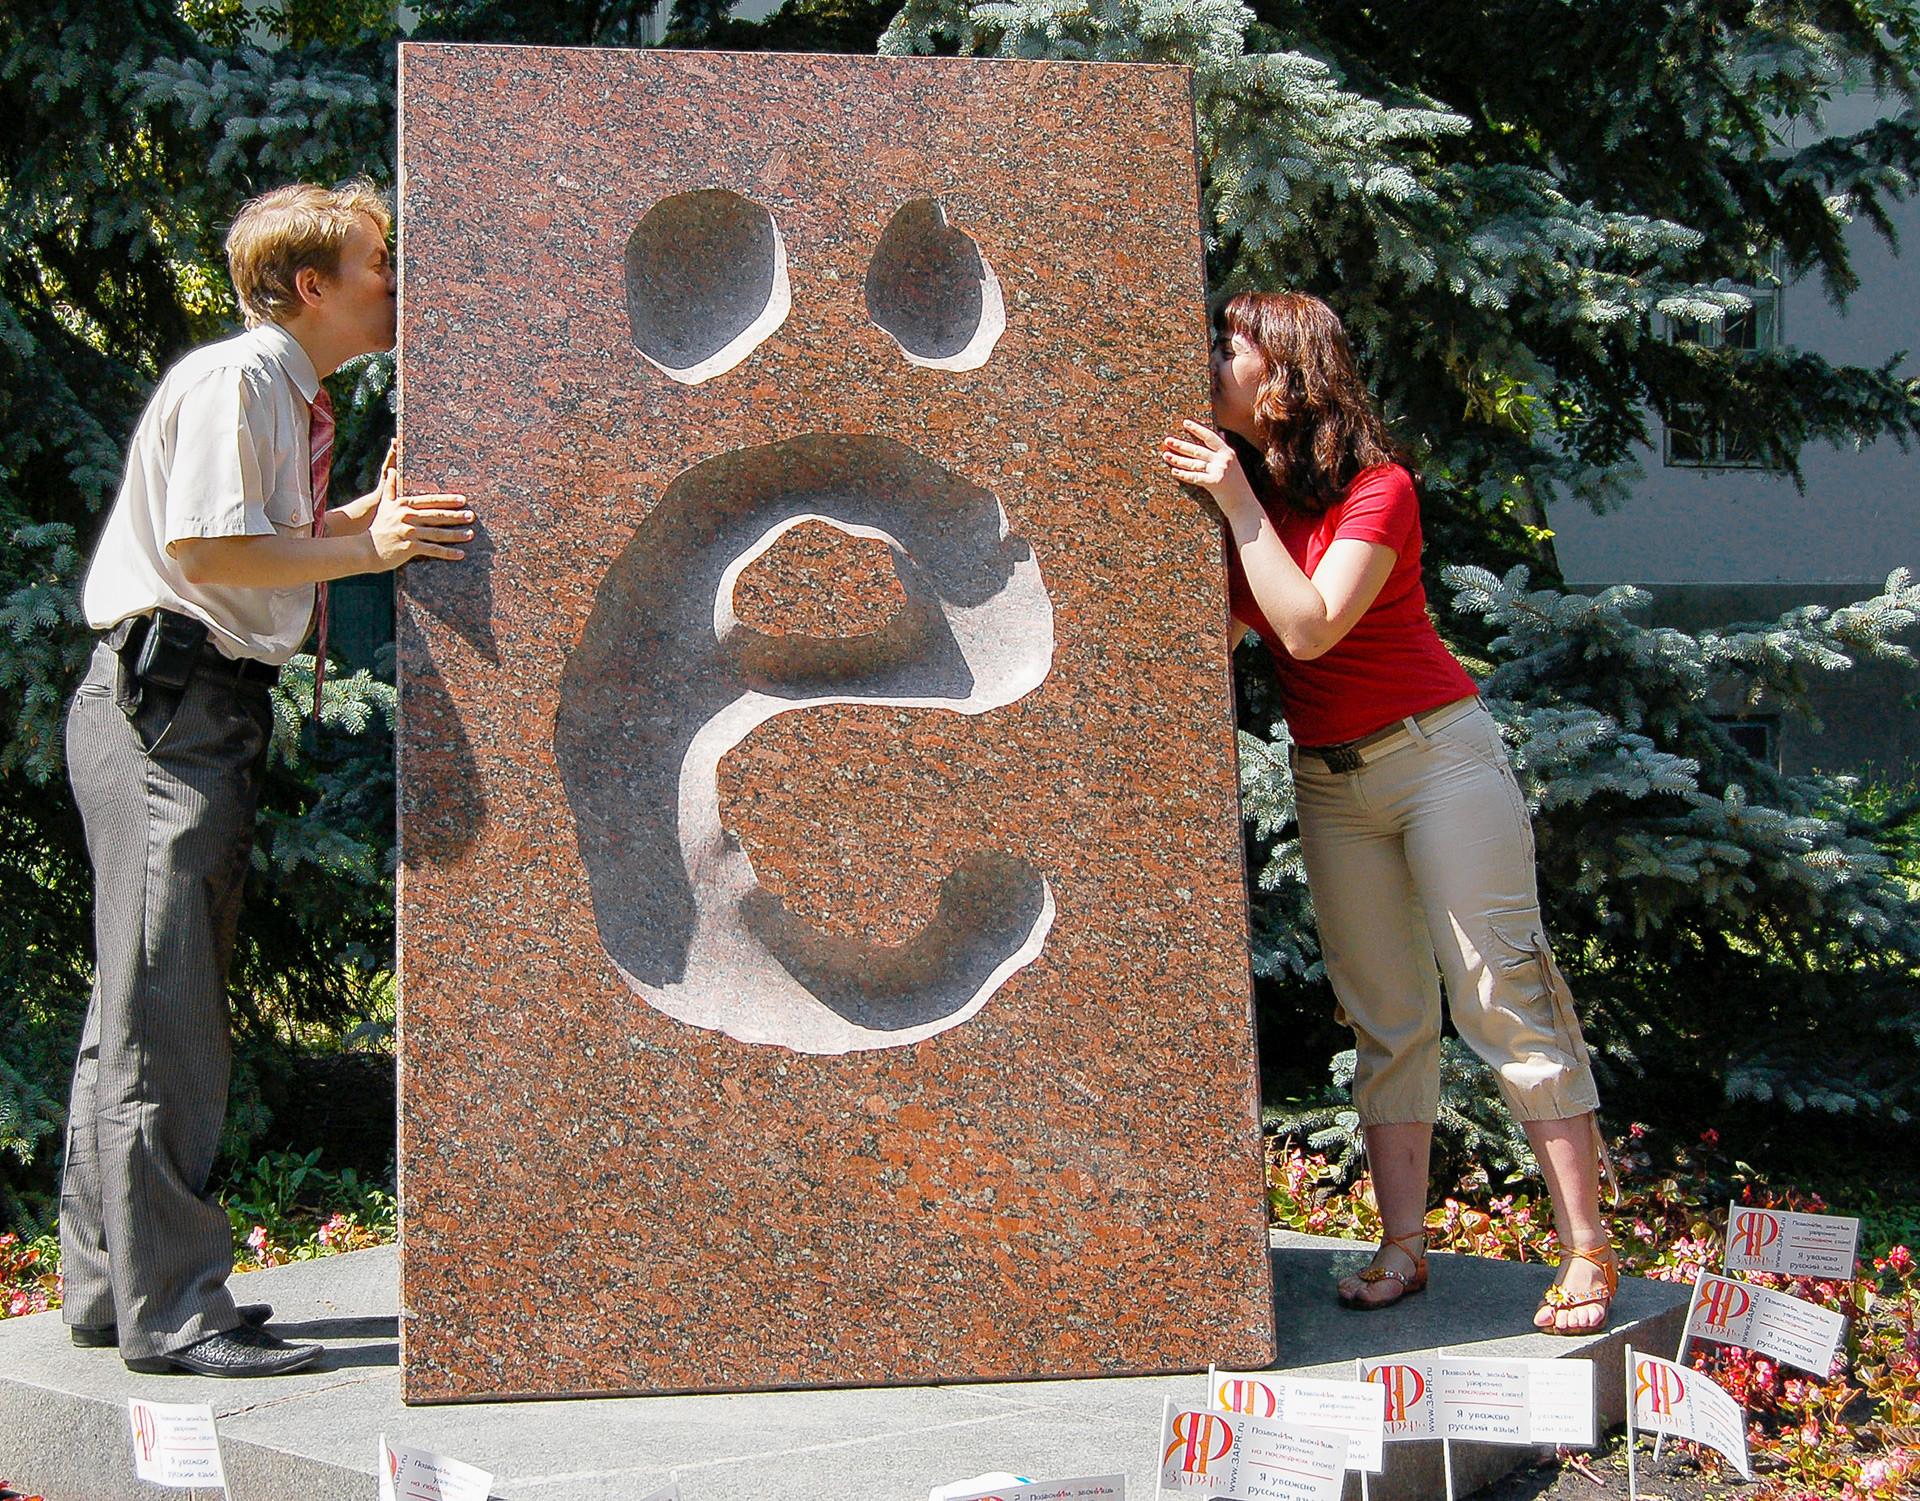 U gradu Uljanovsku je 2005. godine podignut spomenik slovu